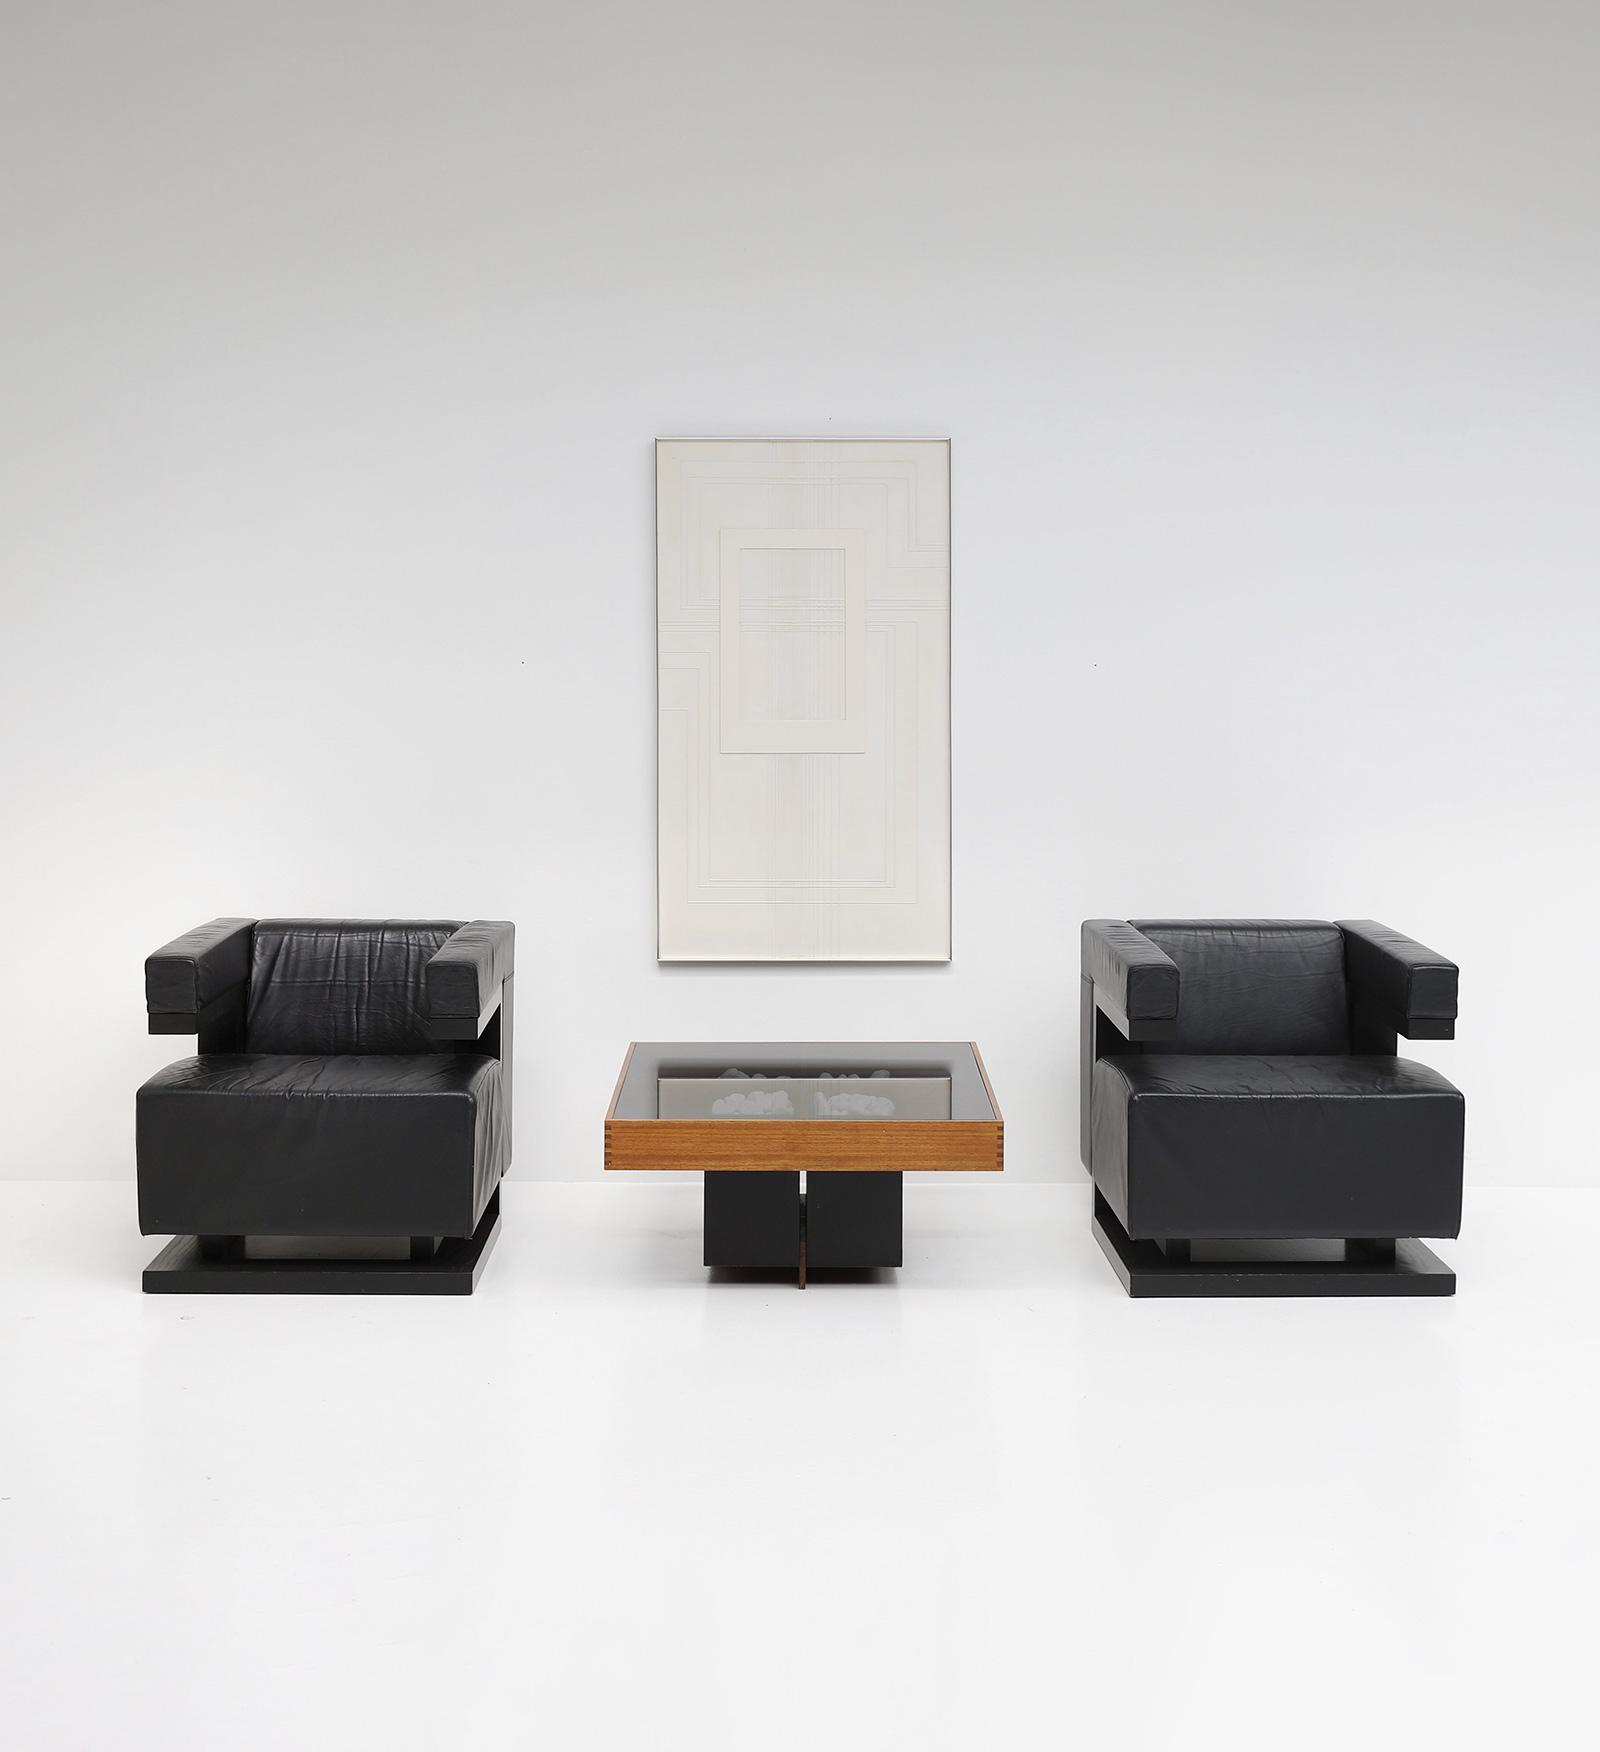 F51 Armchairs Walter Gropius Bauhaus Weimarimage 1